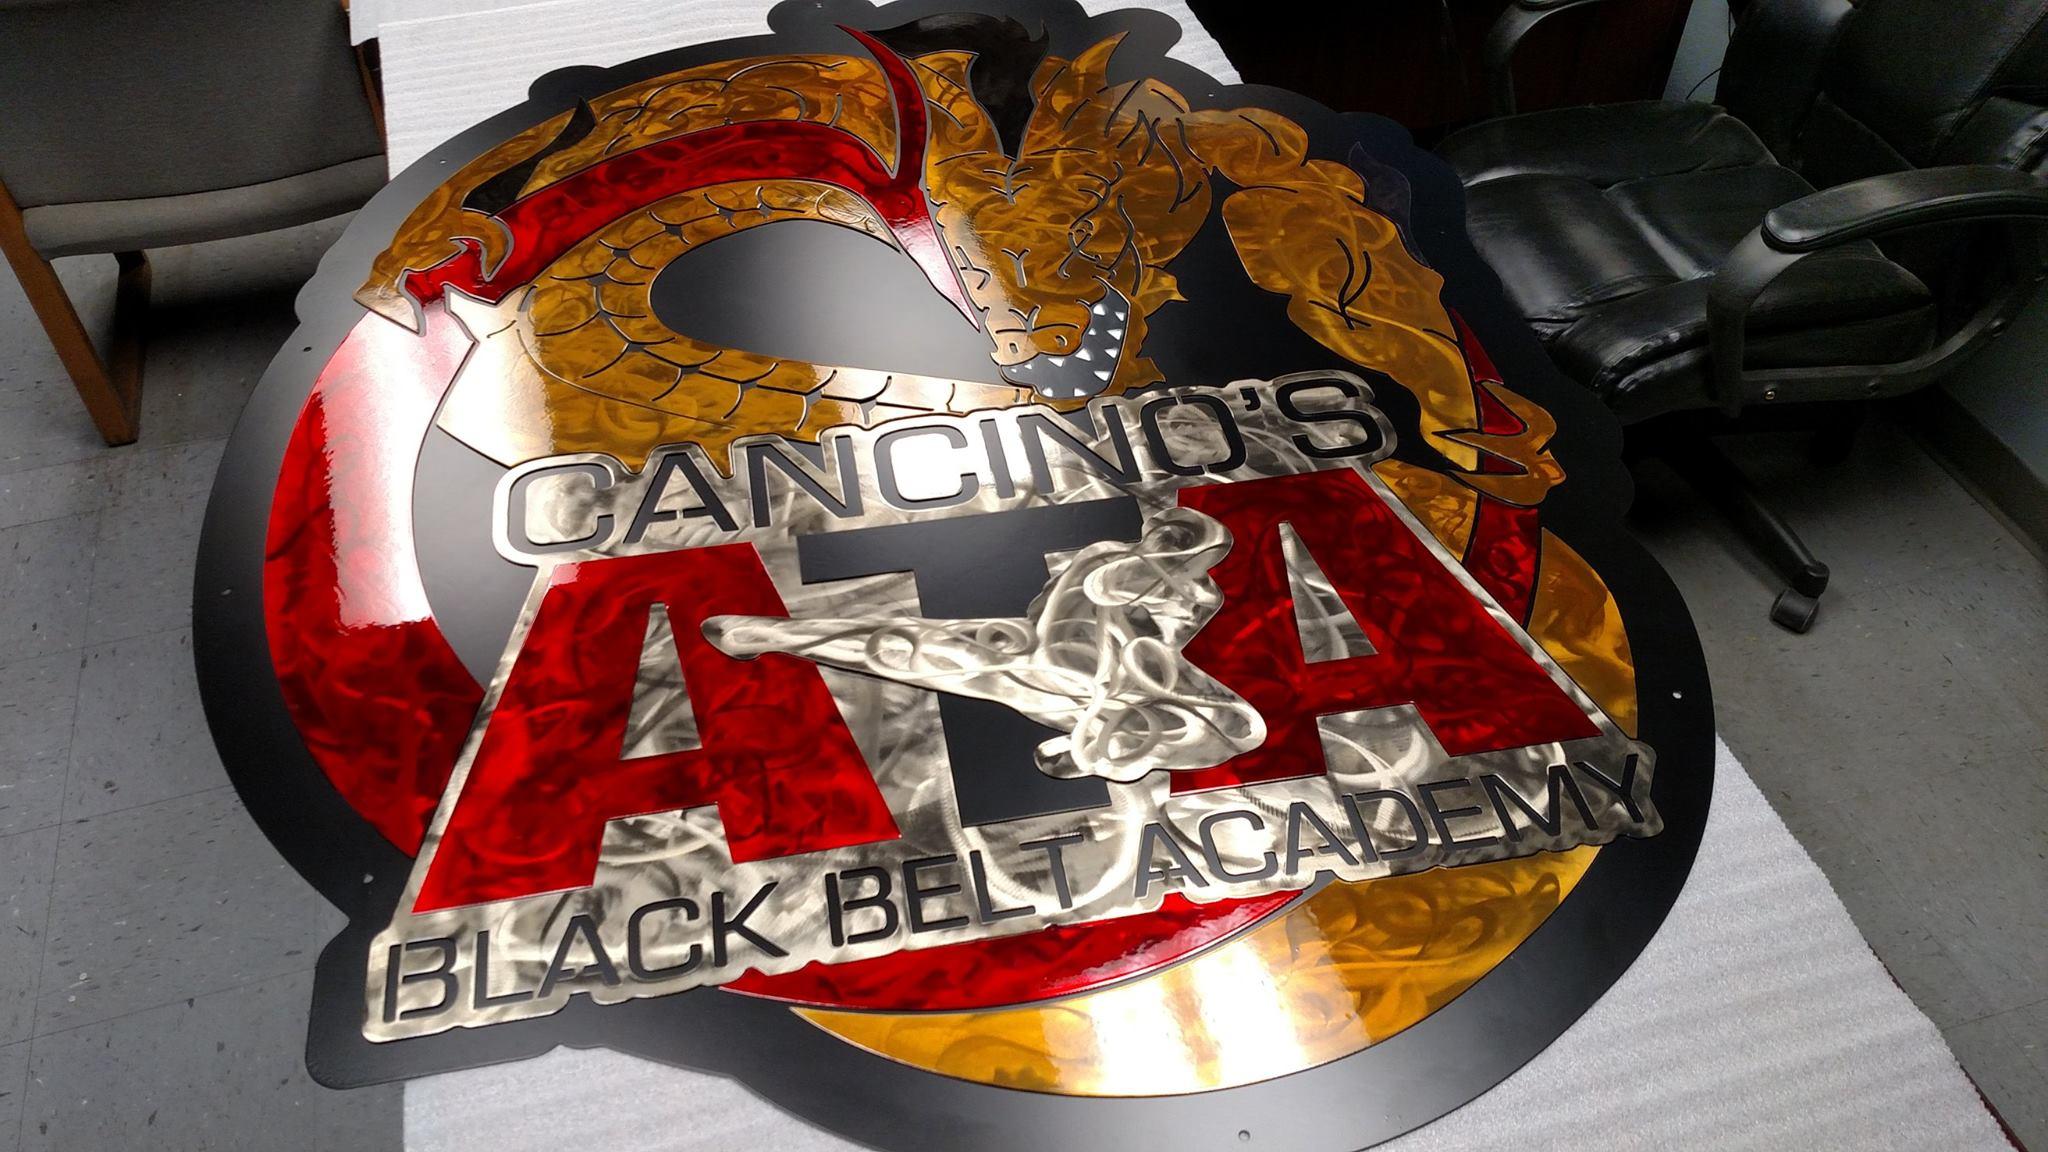 Cancino's ATA